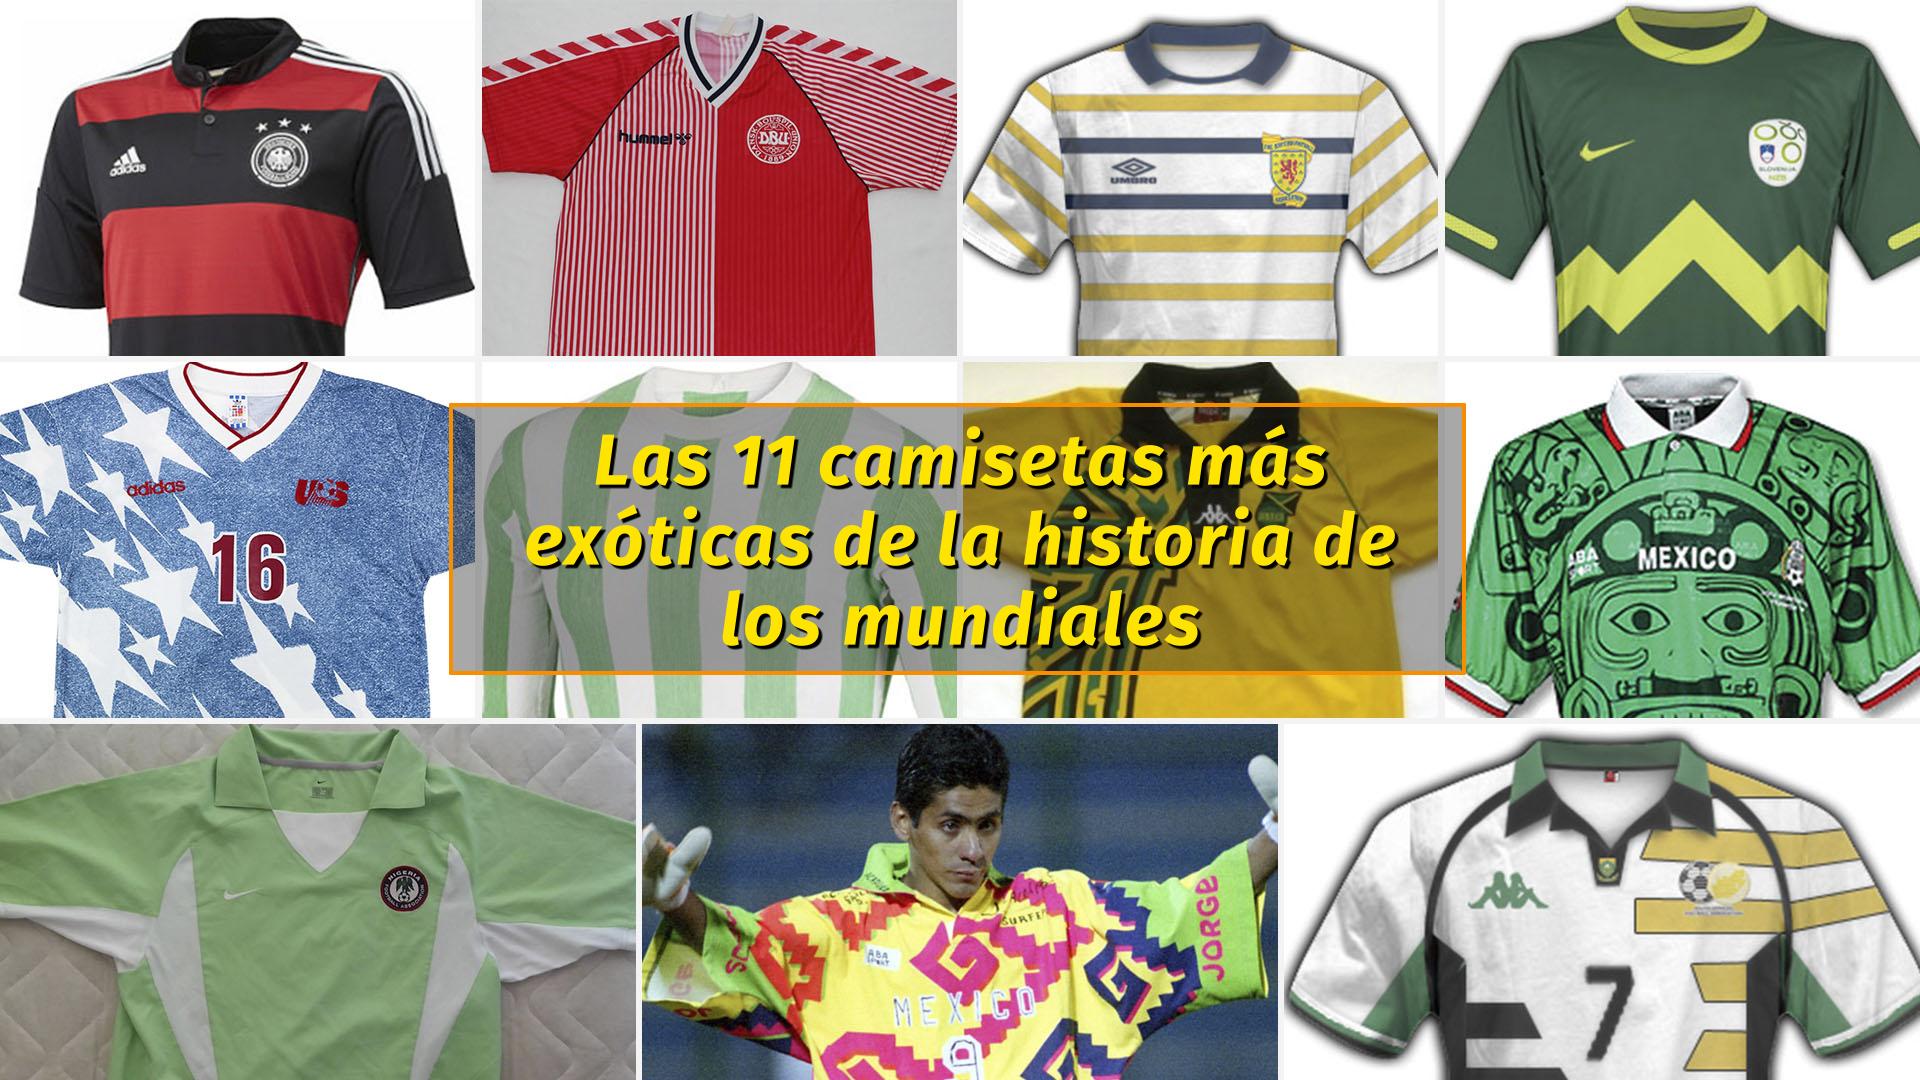 Las 11 camisetas más exóticas de la historia de los mundiales - Infobae 1baf4240b9097